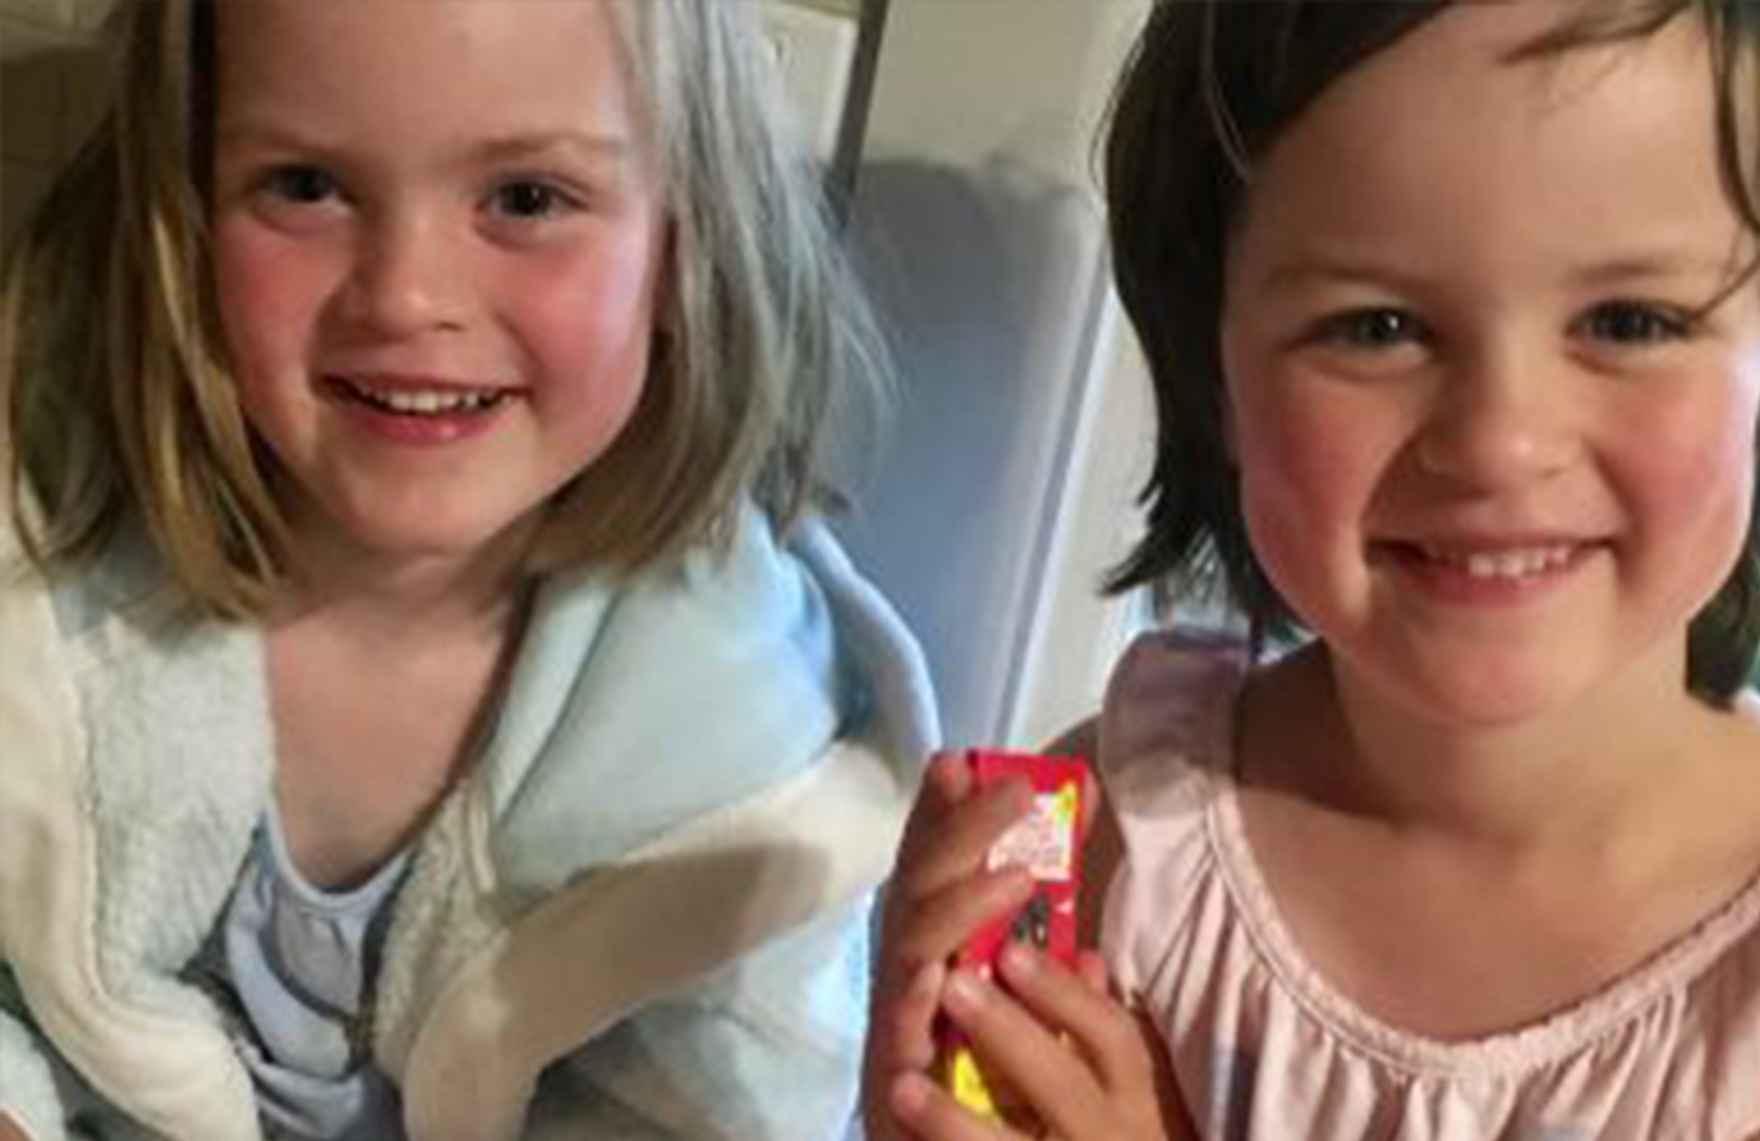 Celia and Rosie